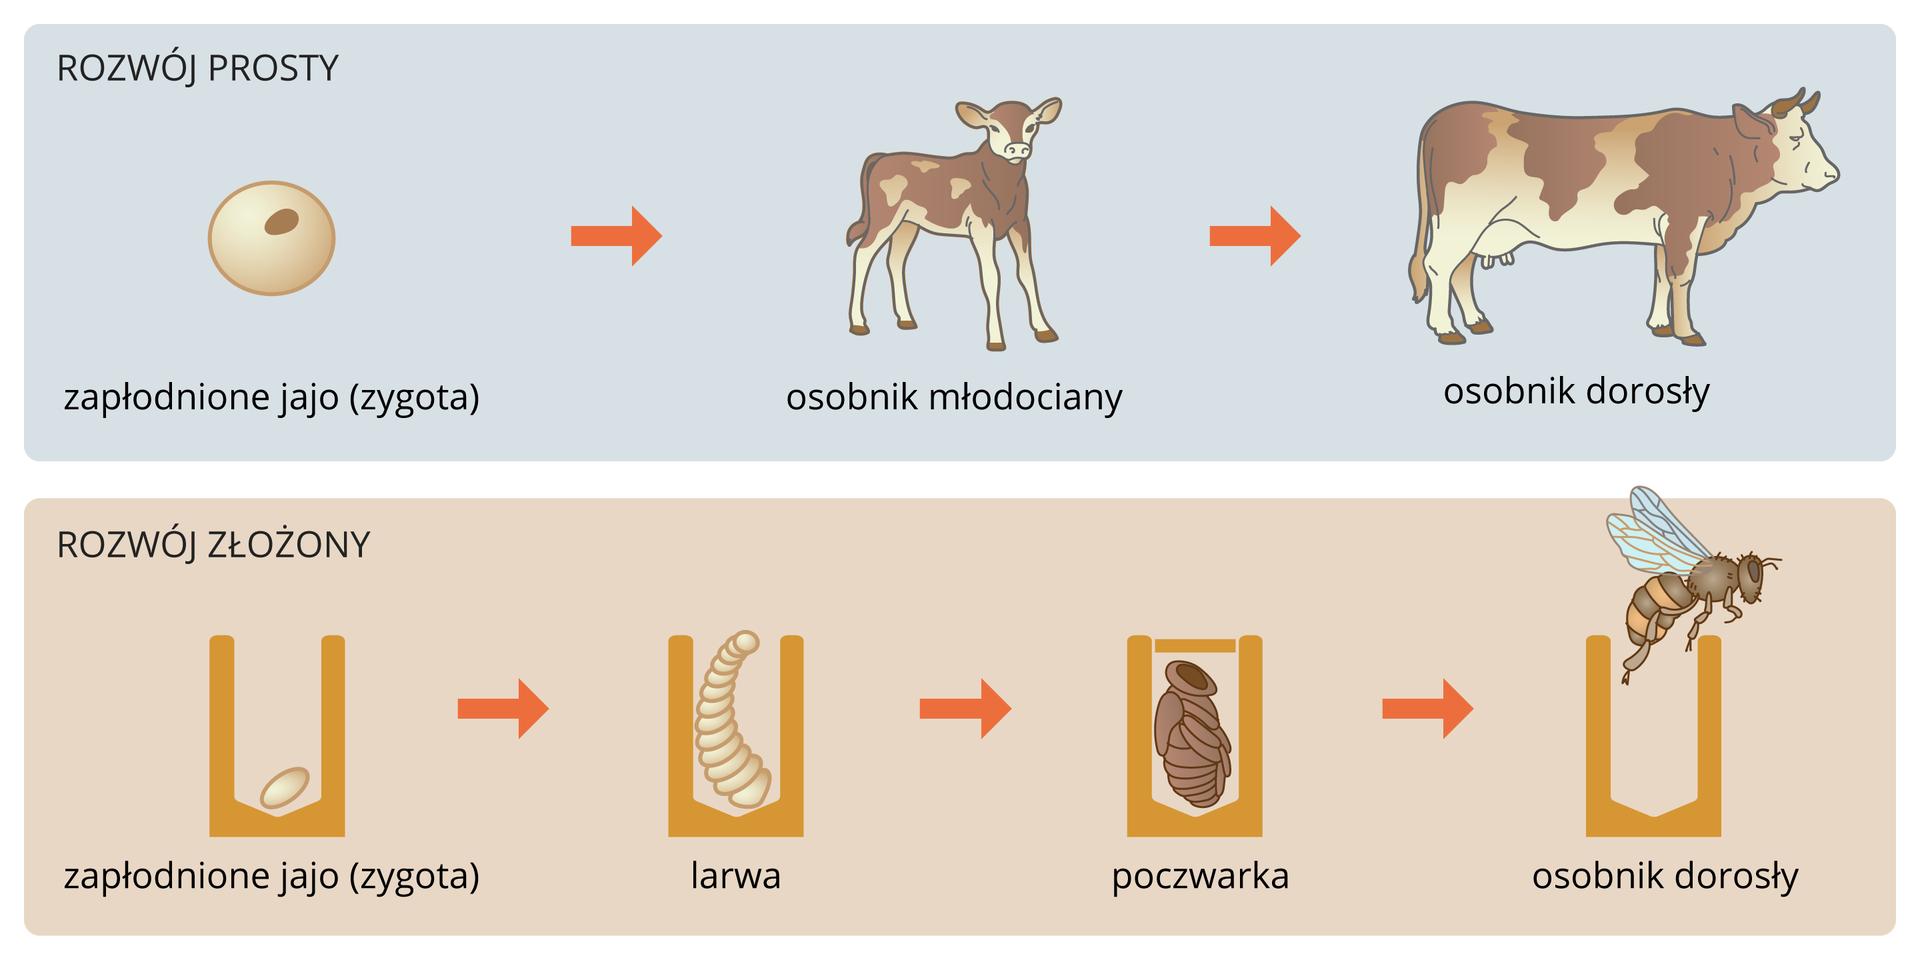 Ilustracja przedstawia porównanie rozwoju prostego izłożonego. Na niebieskim tle ugóry ukazano rozwój krowy od zygoty do osobnika dorosłego. Na liliowym tle udołu przedstawiono rozwój pszczoły wkomórce plastra. Od lewej jest zygota, potem biała larwa, następnie brązowa poczwarka. Na końcu dorosła pszczoła wyfruwa zkomórki plastra.